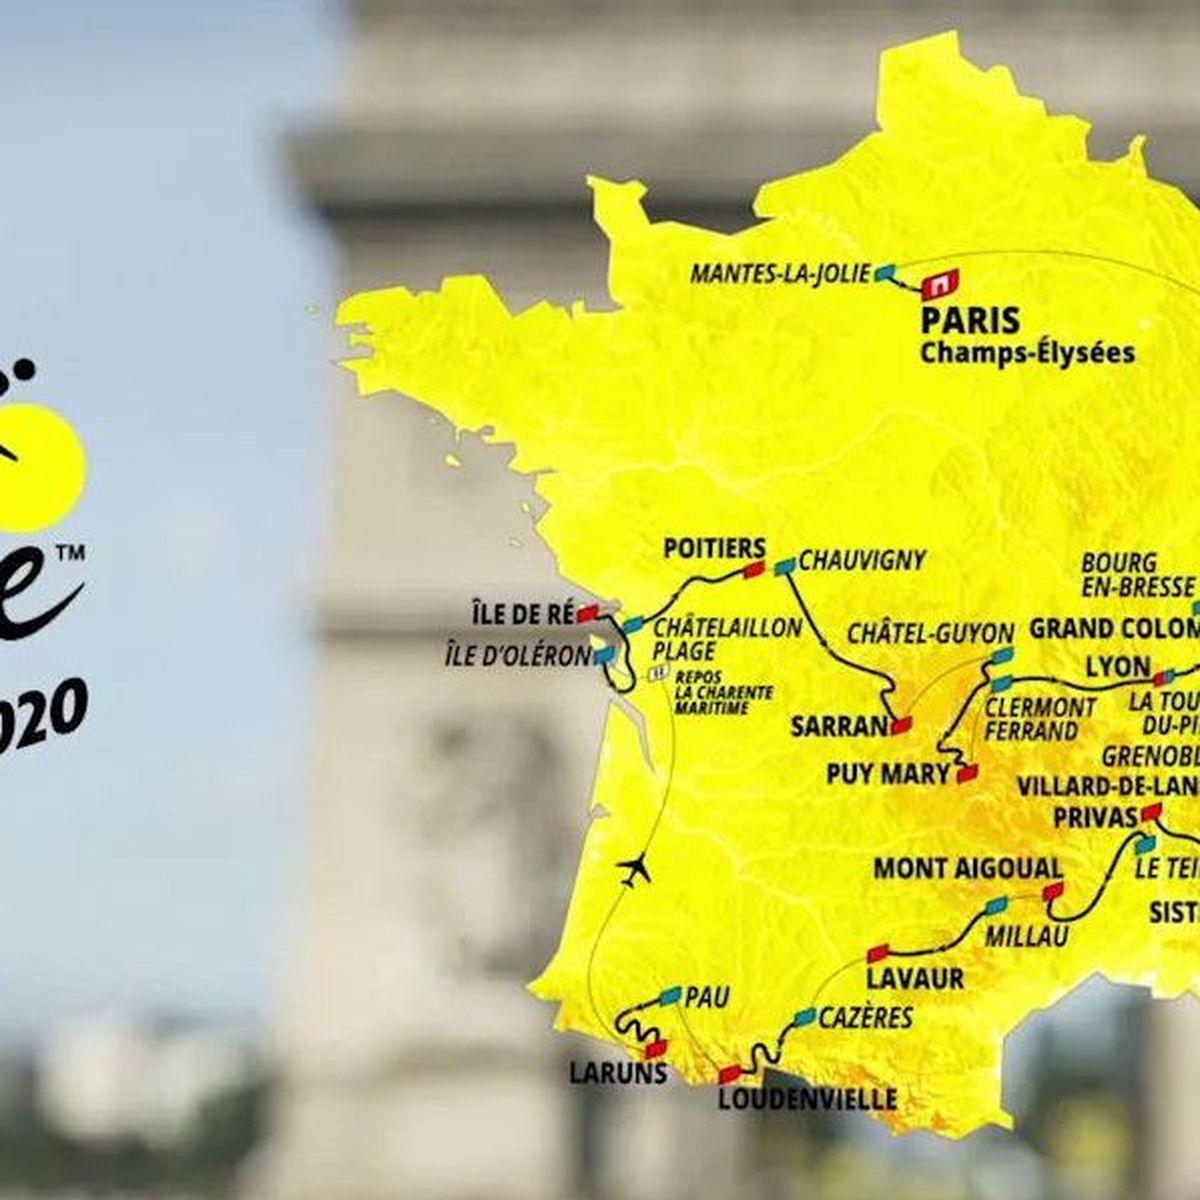 Coronavirus La 7e Etape Du Tour De France 2020 Entre Millau Et Lavaur Repoussee Au 4 Septembre